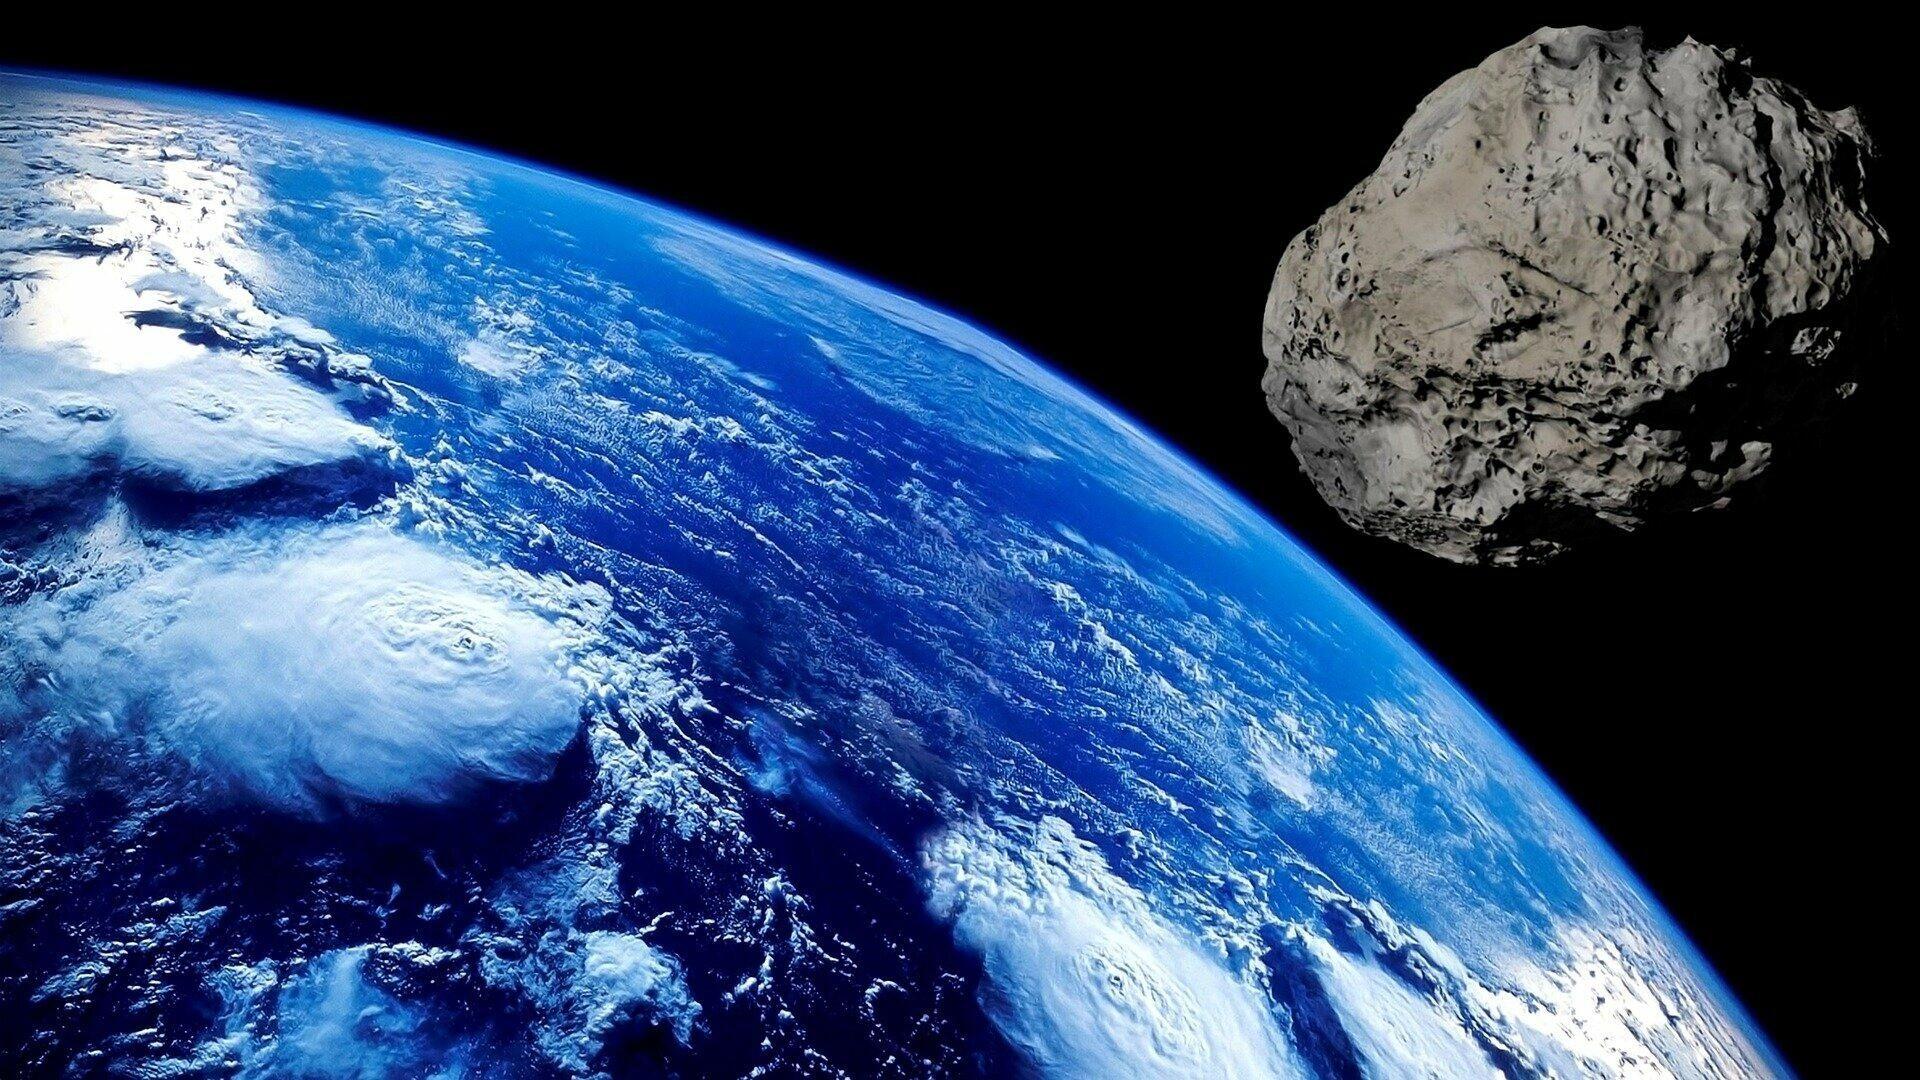 Метеорит приближается к планете Земля - РИА Новости, 1920, 12.03.2021